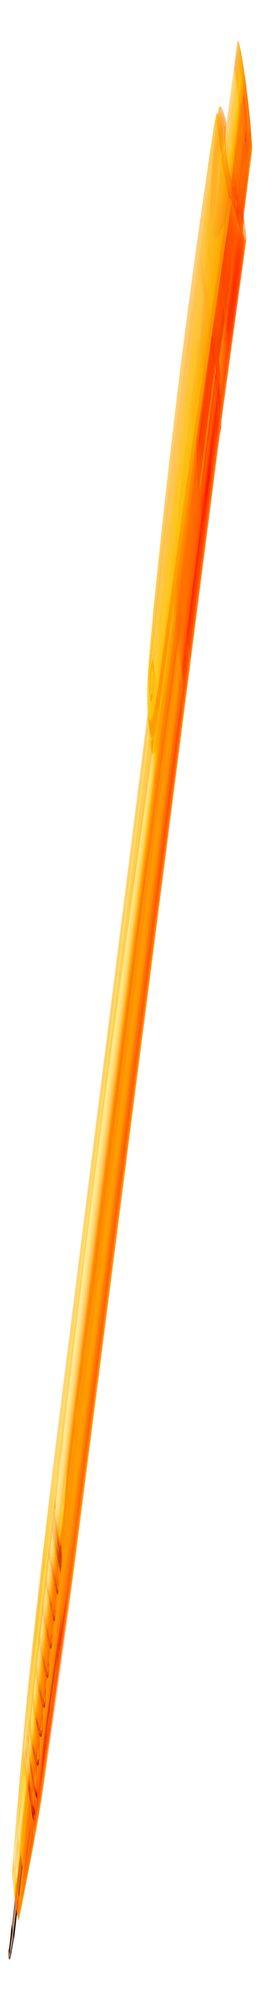 Ручка шариковая Eastwood, оранжевая фото